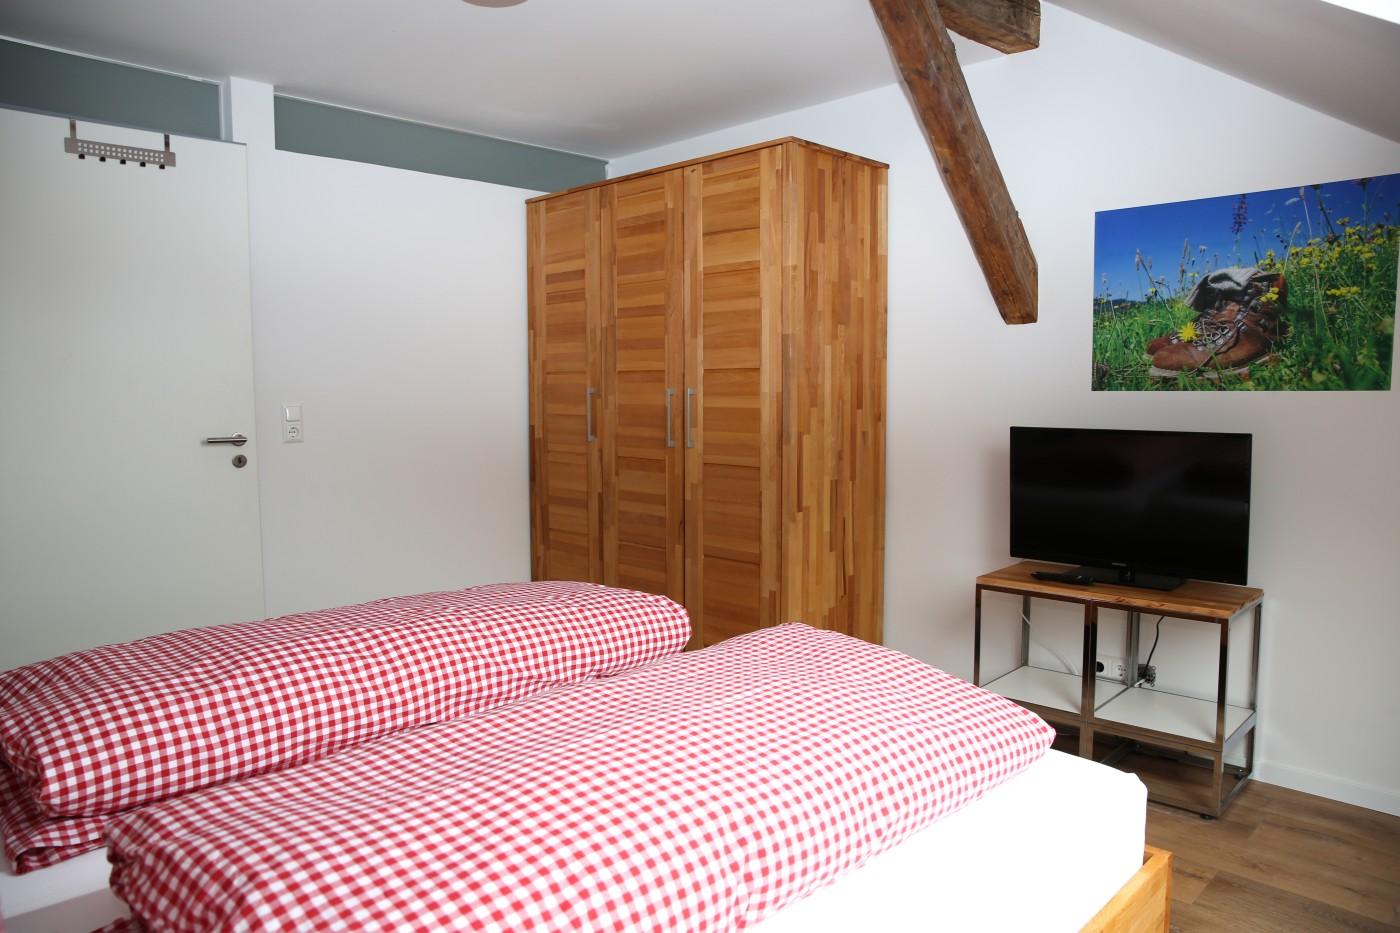 Ferienwohnung Georg Mayer Haus / Wohnung 6 (2397455), Oberstdorf, Allgäu (Bayern), Bayern, Deutschland, Bild 7